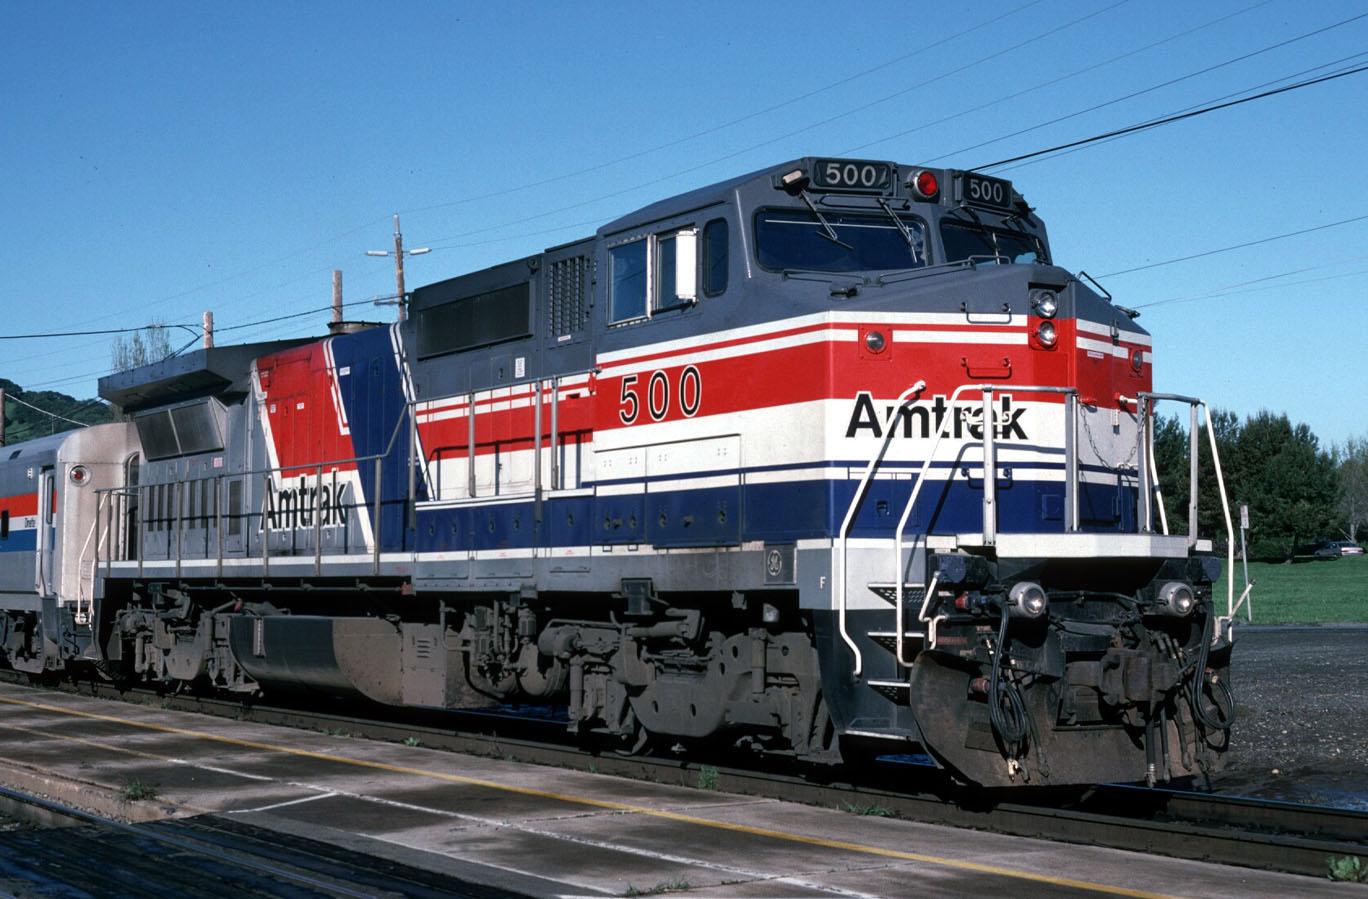 Prenotazione treni ferrovie u s a amtrak online e for Nuovi piani domestici americani